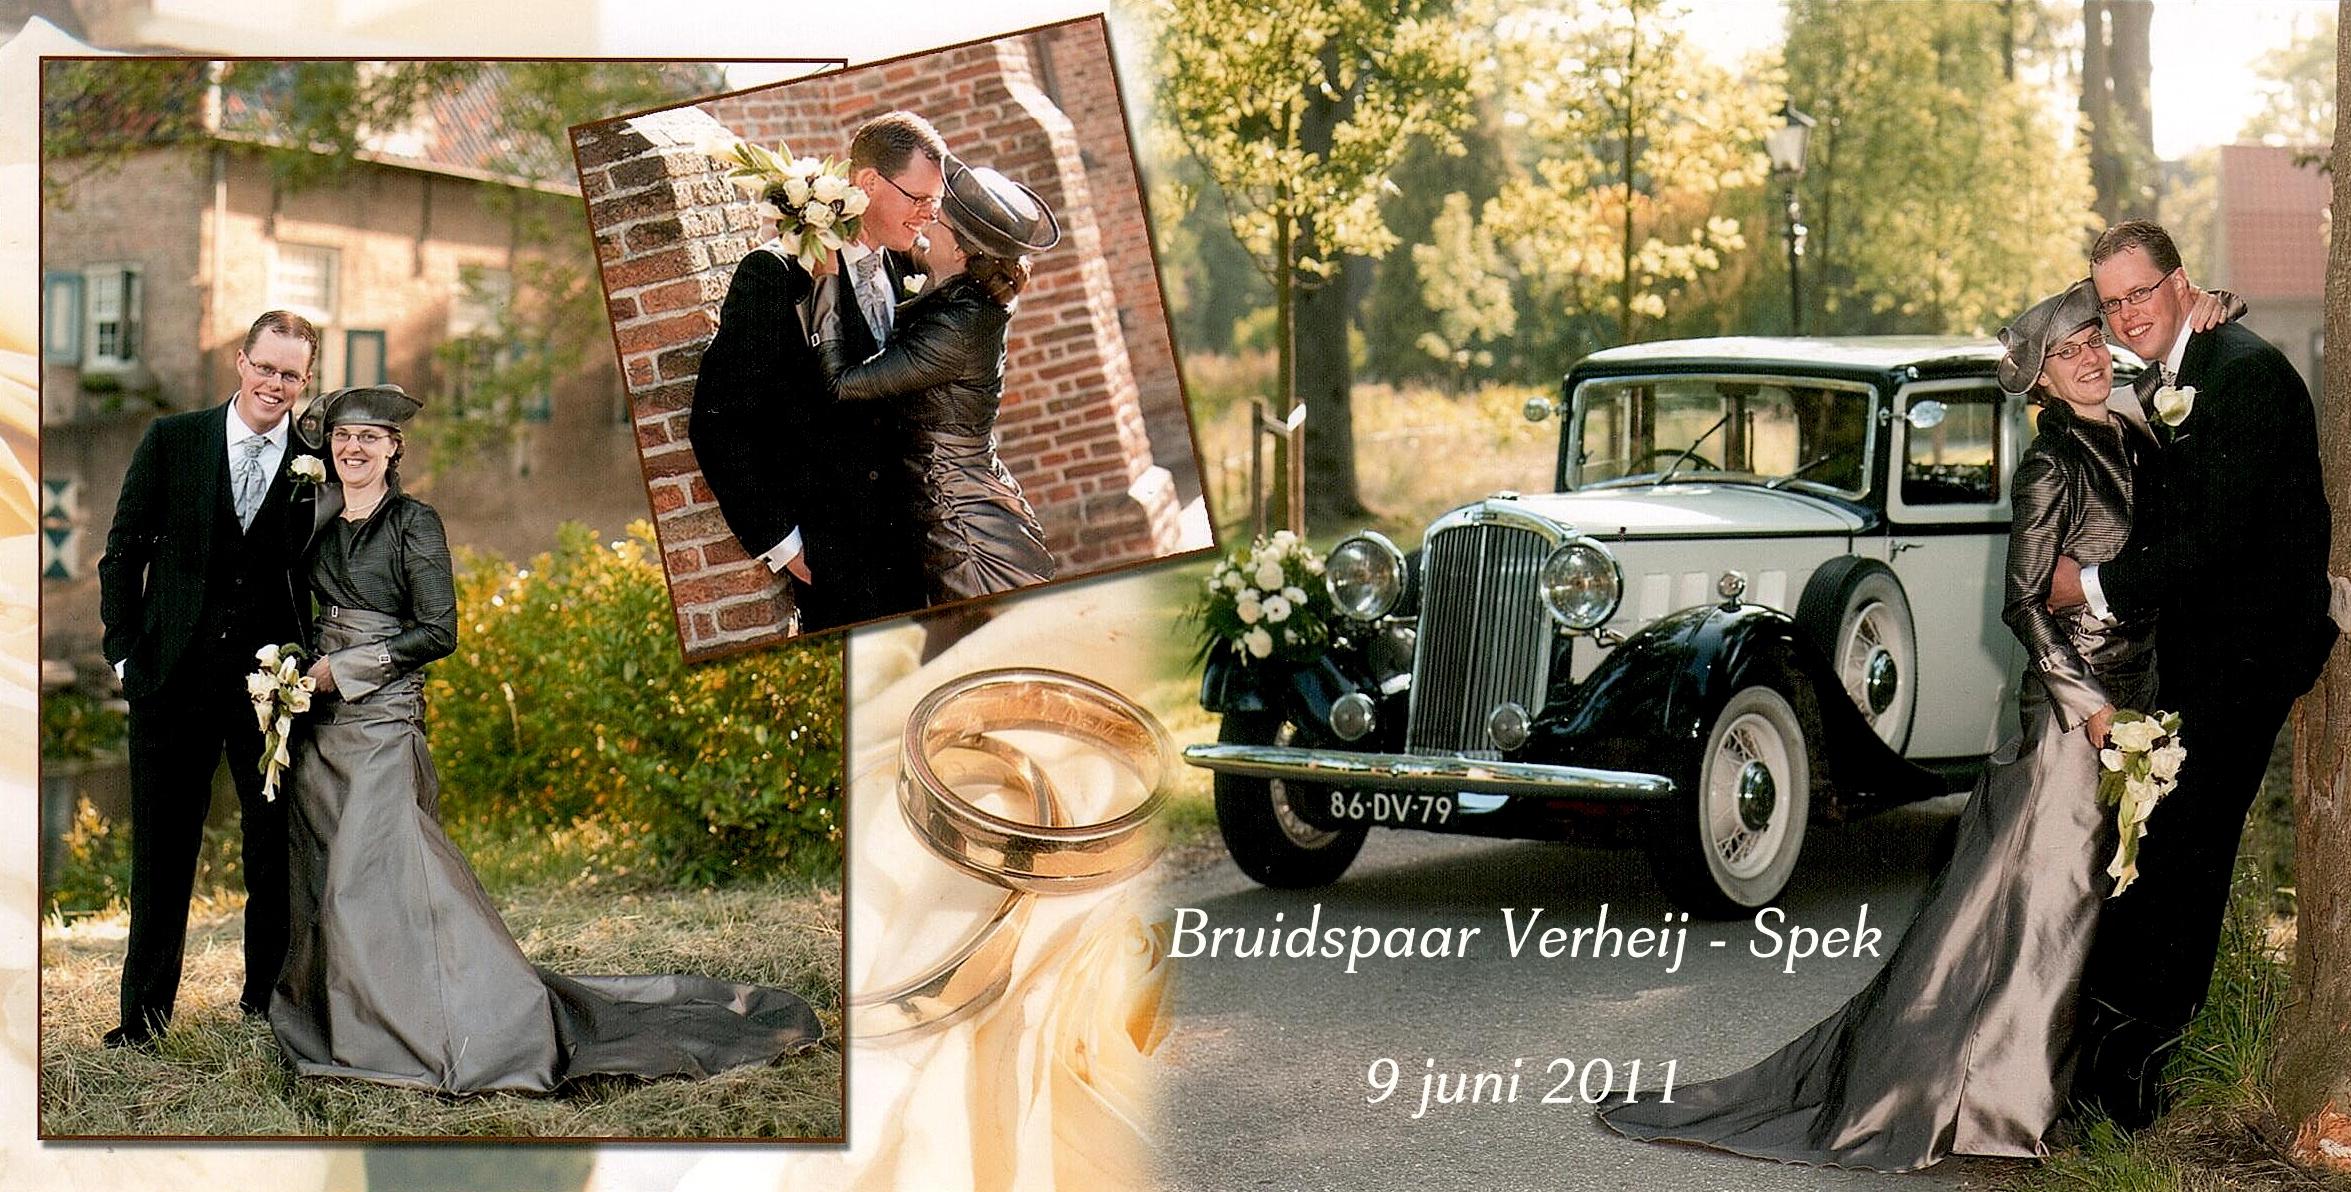 Bruidspaar Verheij - Spek